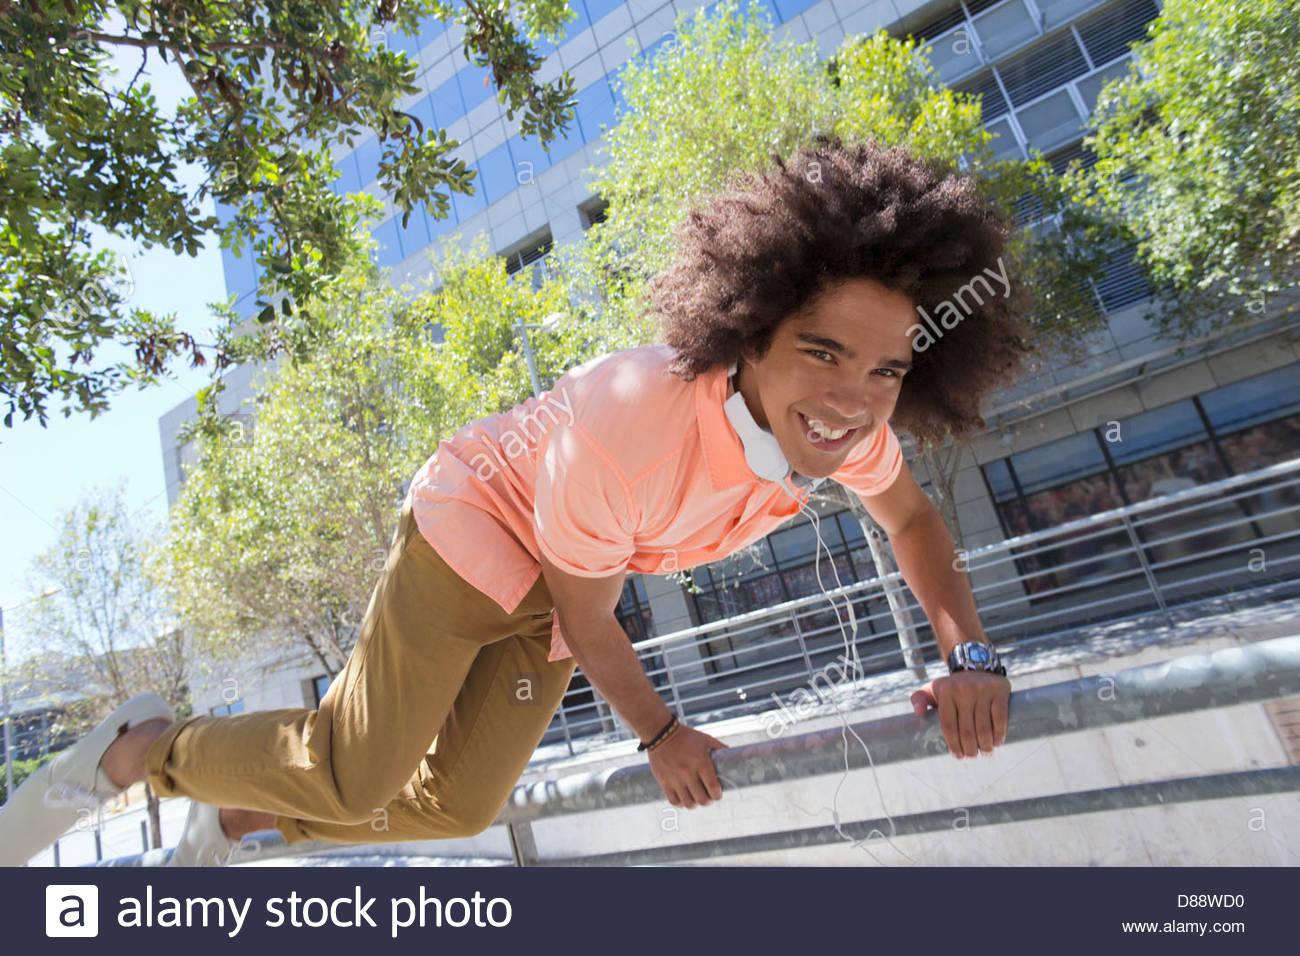 Retrato del joven sonriente saltar por encima de la baranda en la ciudad Imagen De Stock